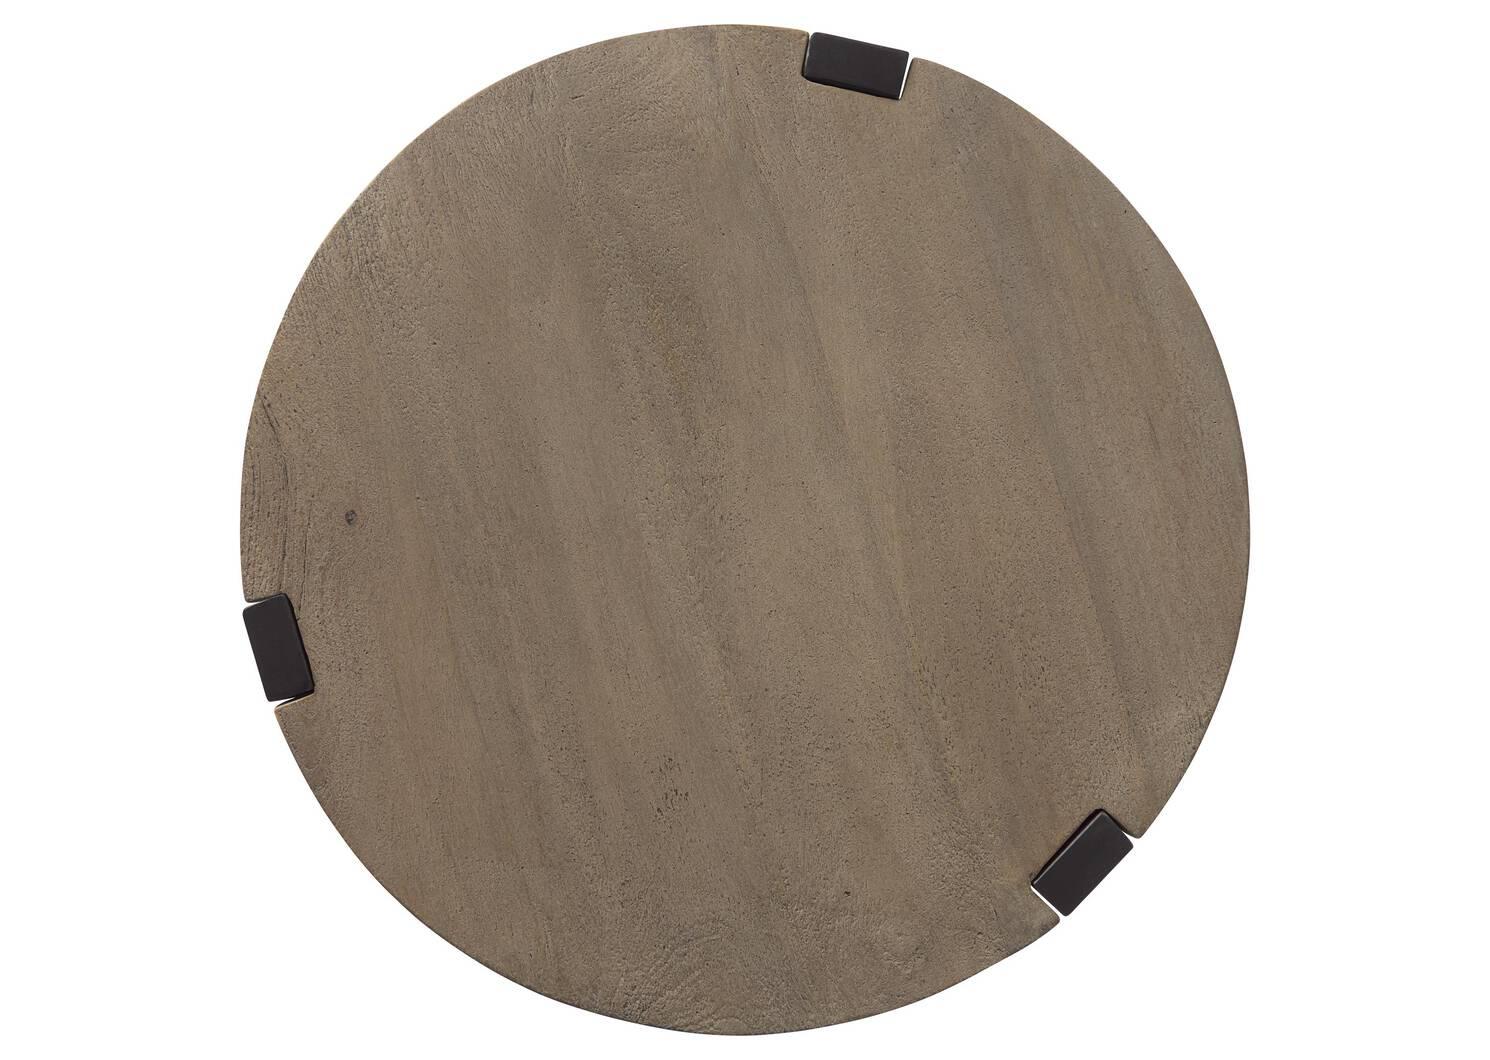 Shavi Accent Table -Portica Stone